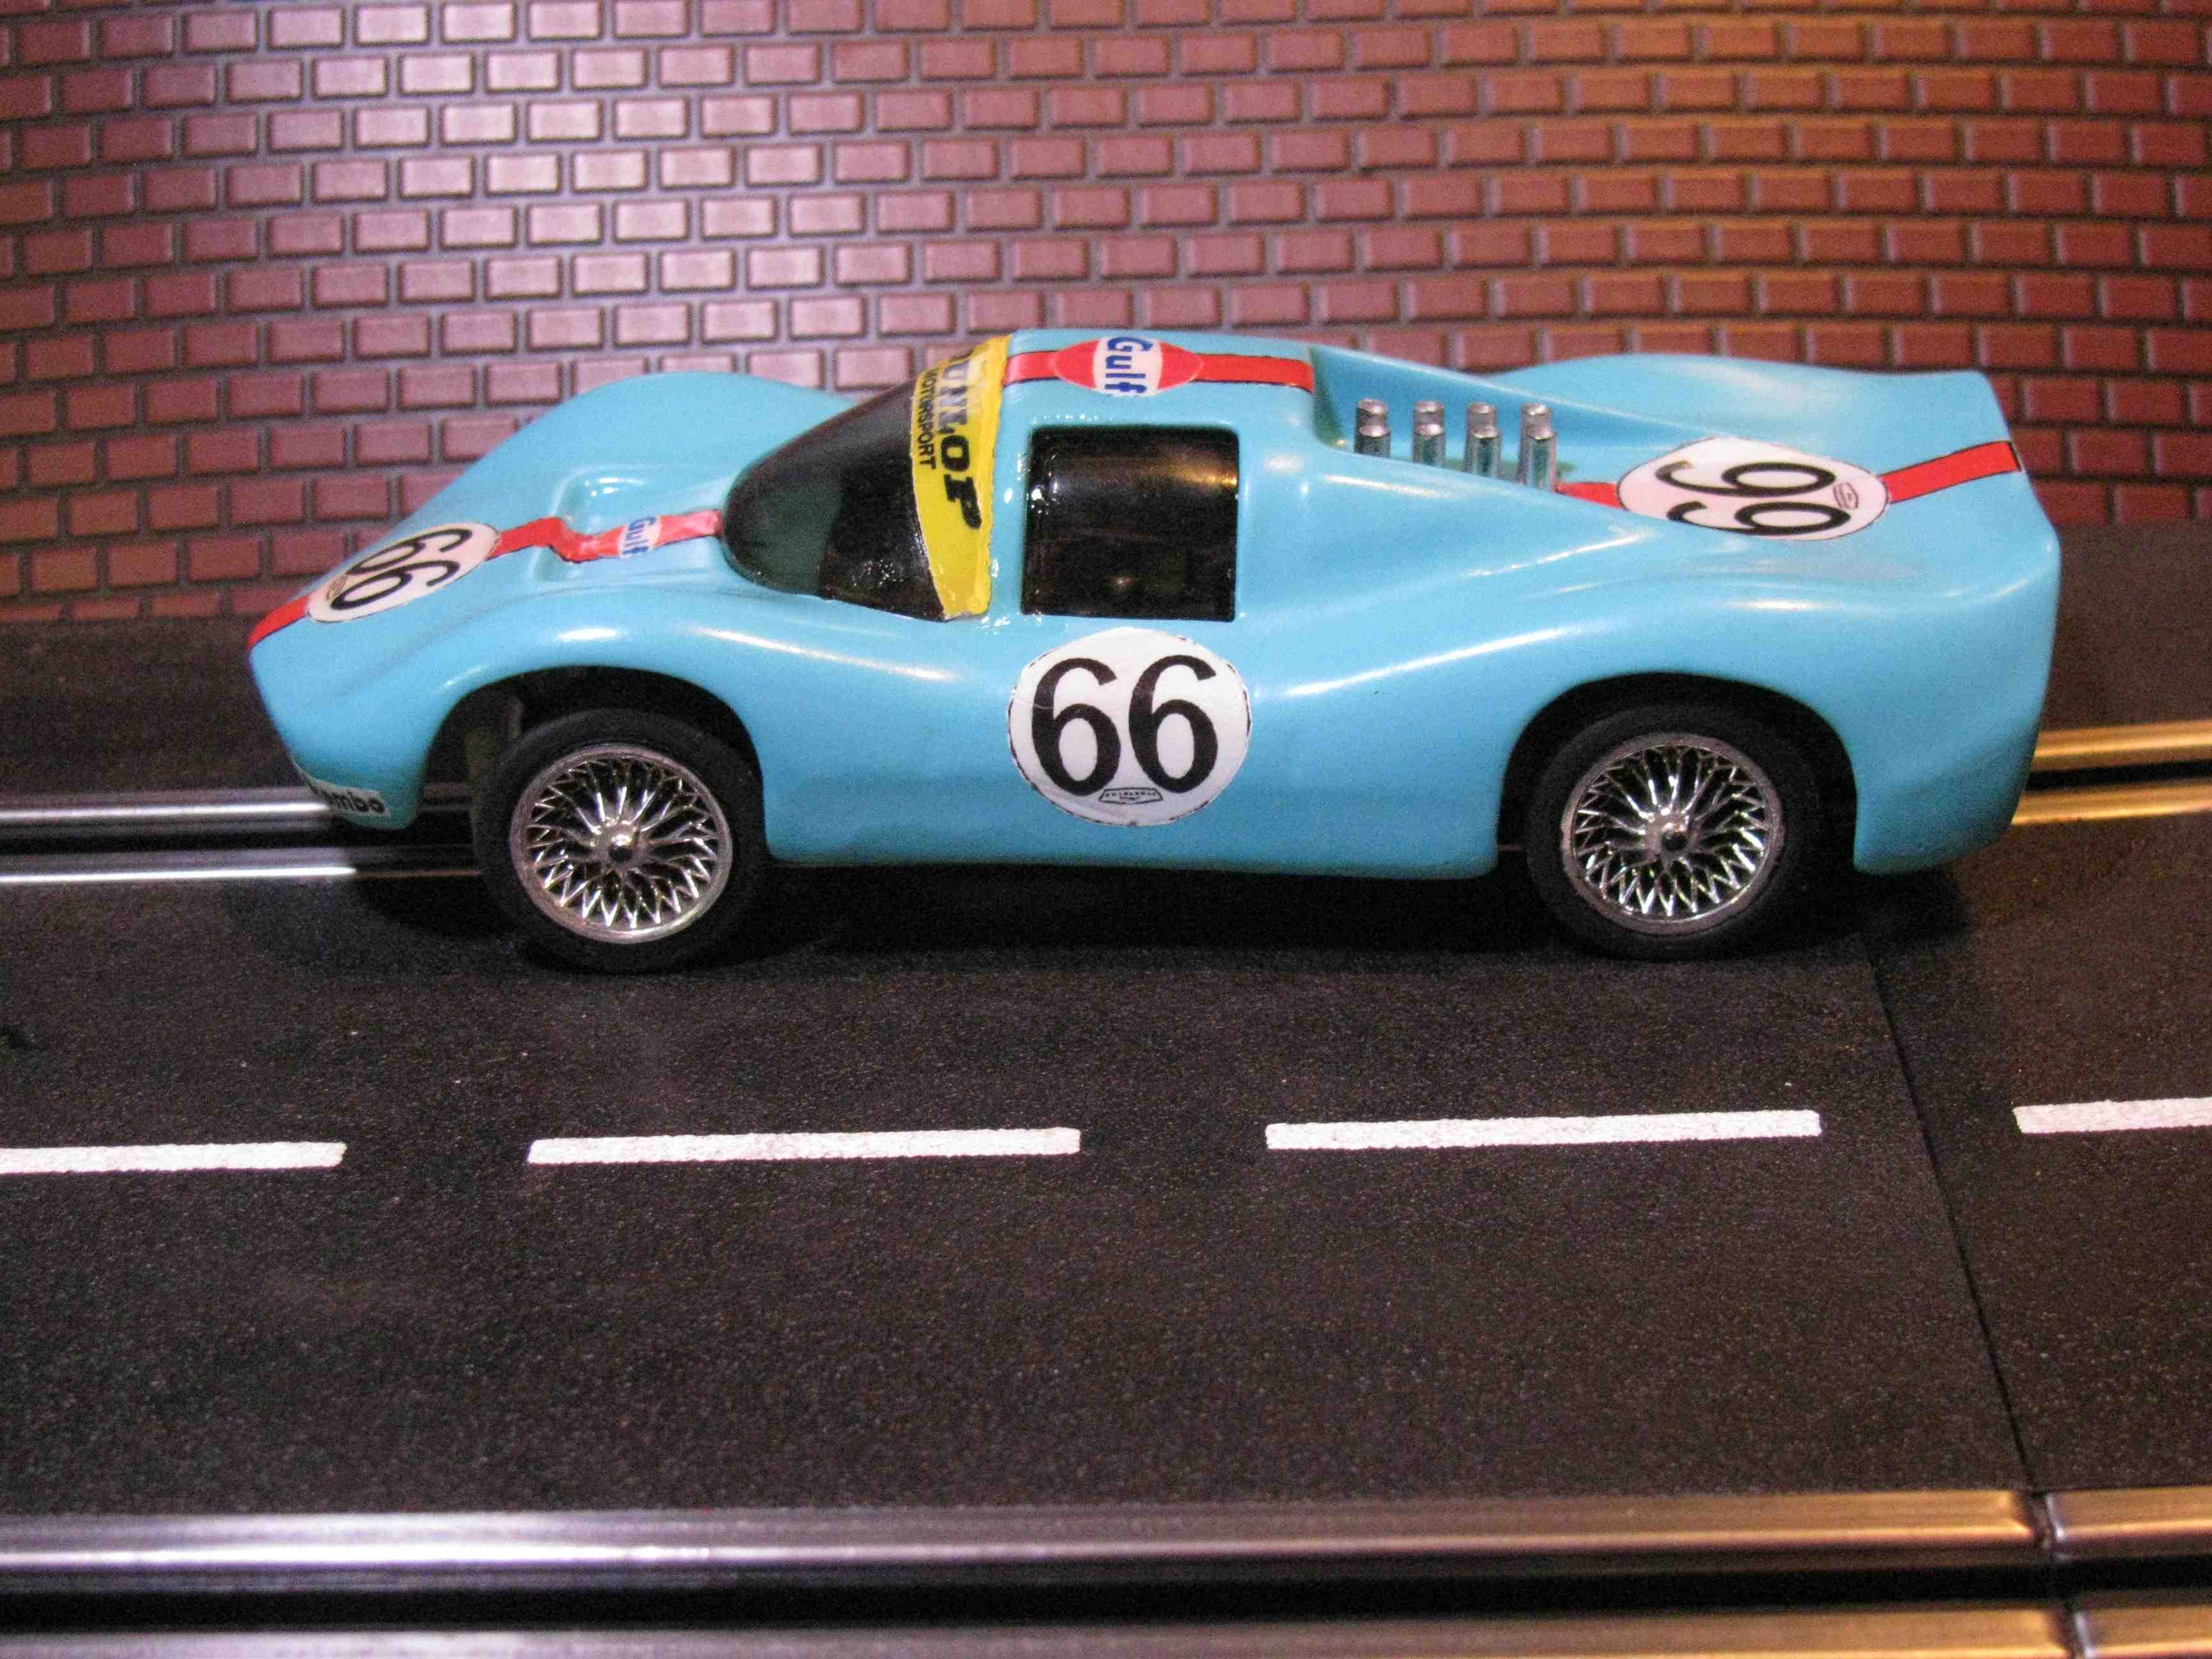 * SOLD * Vintage 1967 Eldon Chaparral Slot Car - 1/32 Scale